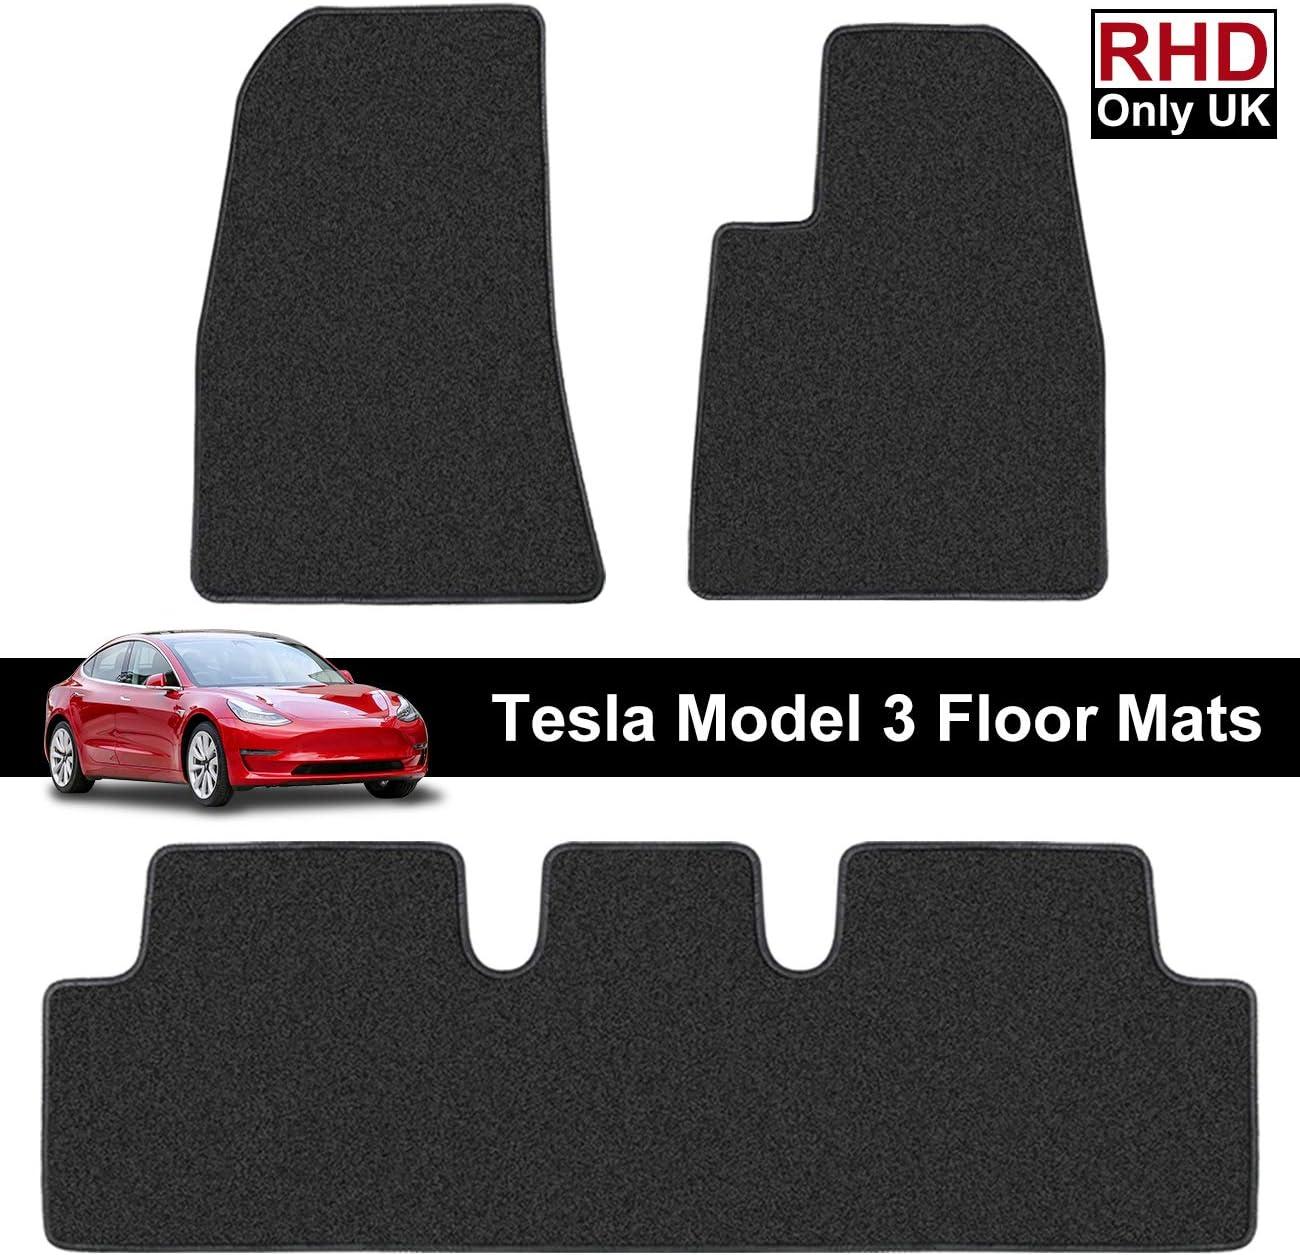 Printers Jack Rhd Tesla Modell 3 Fußmatten Für Rechtslenker Allwetter Rückseite Passgenau Strapazierfähig Für Alle Jahreszeiten Umweltfreundlich Zubehör 2019 2020 Auto